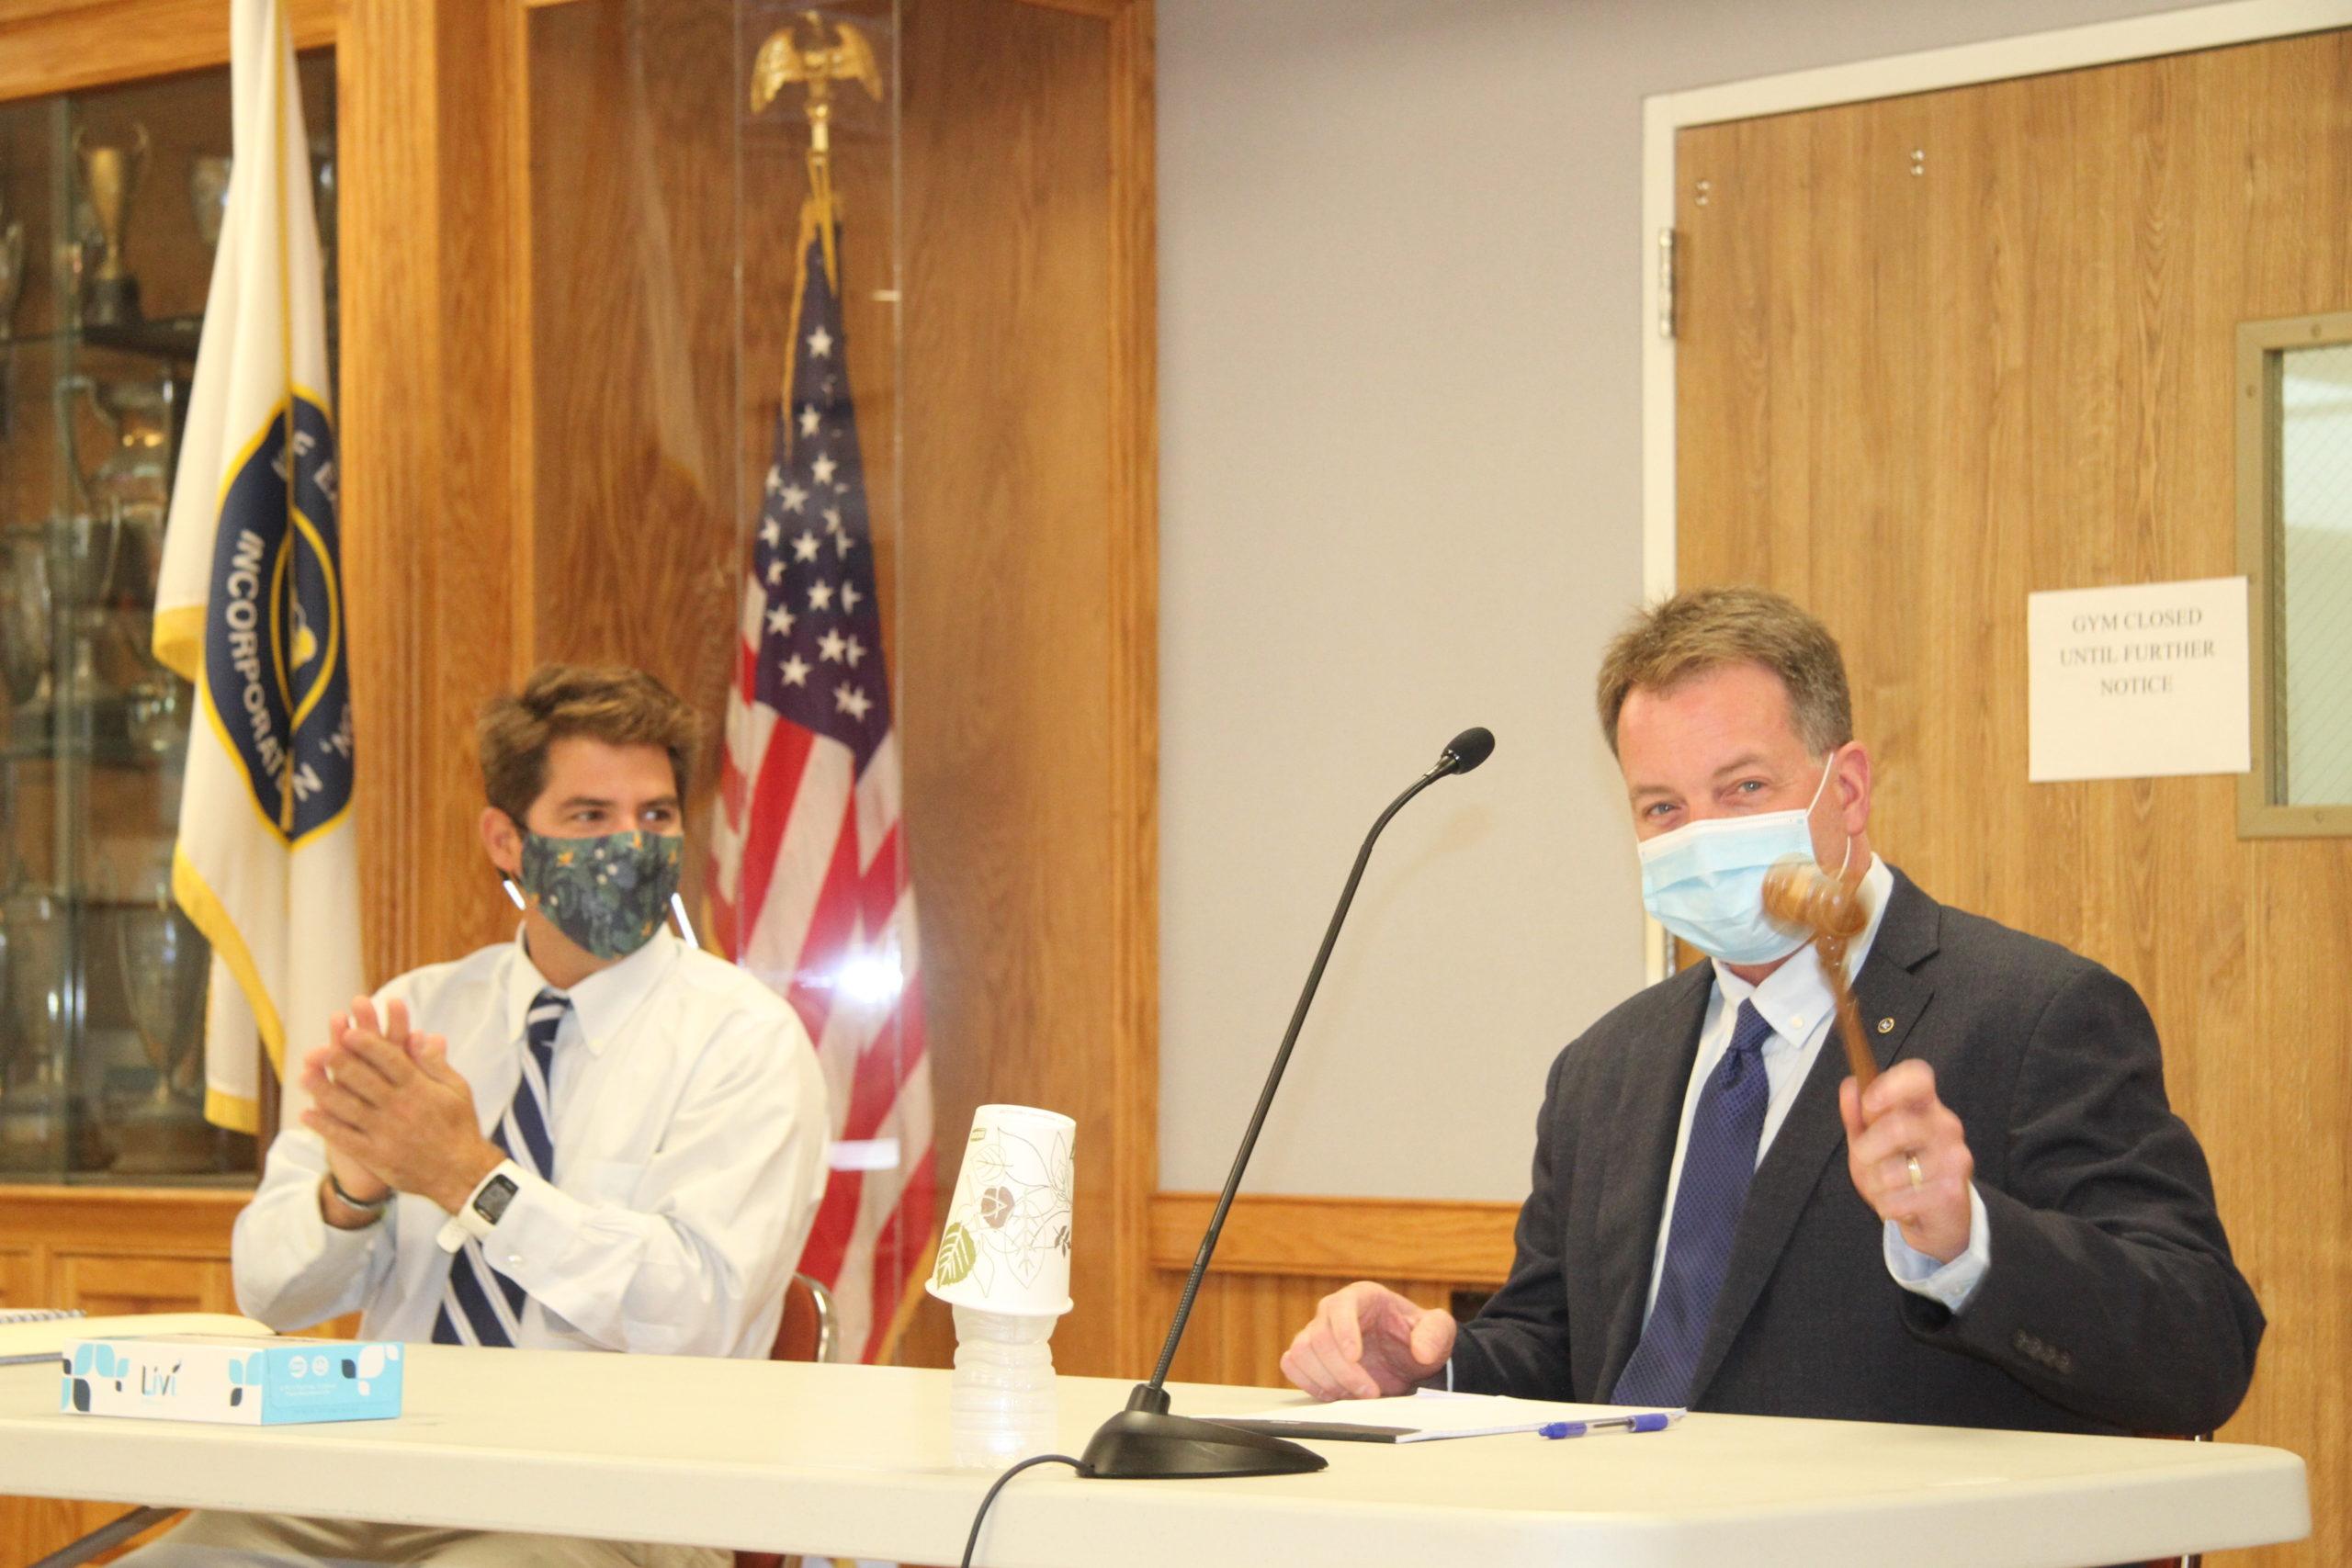 Mayor Jerry Larsen and Trustee Chris Minardi.